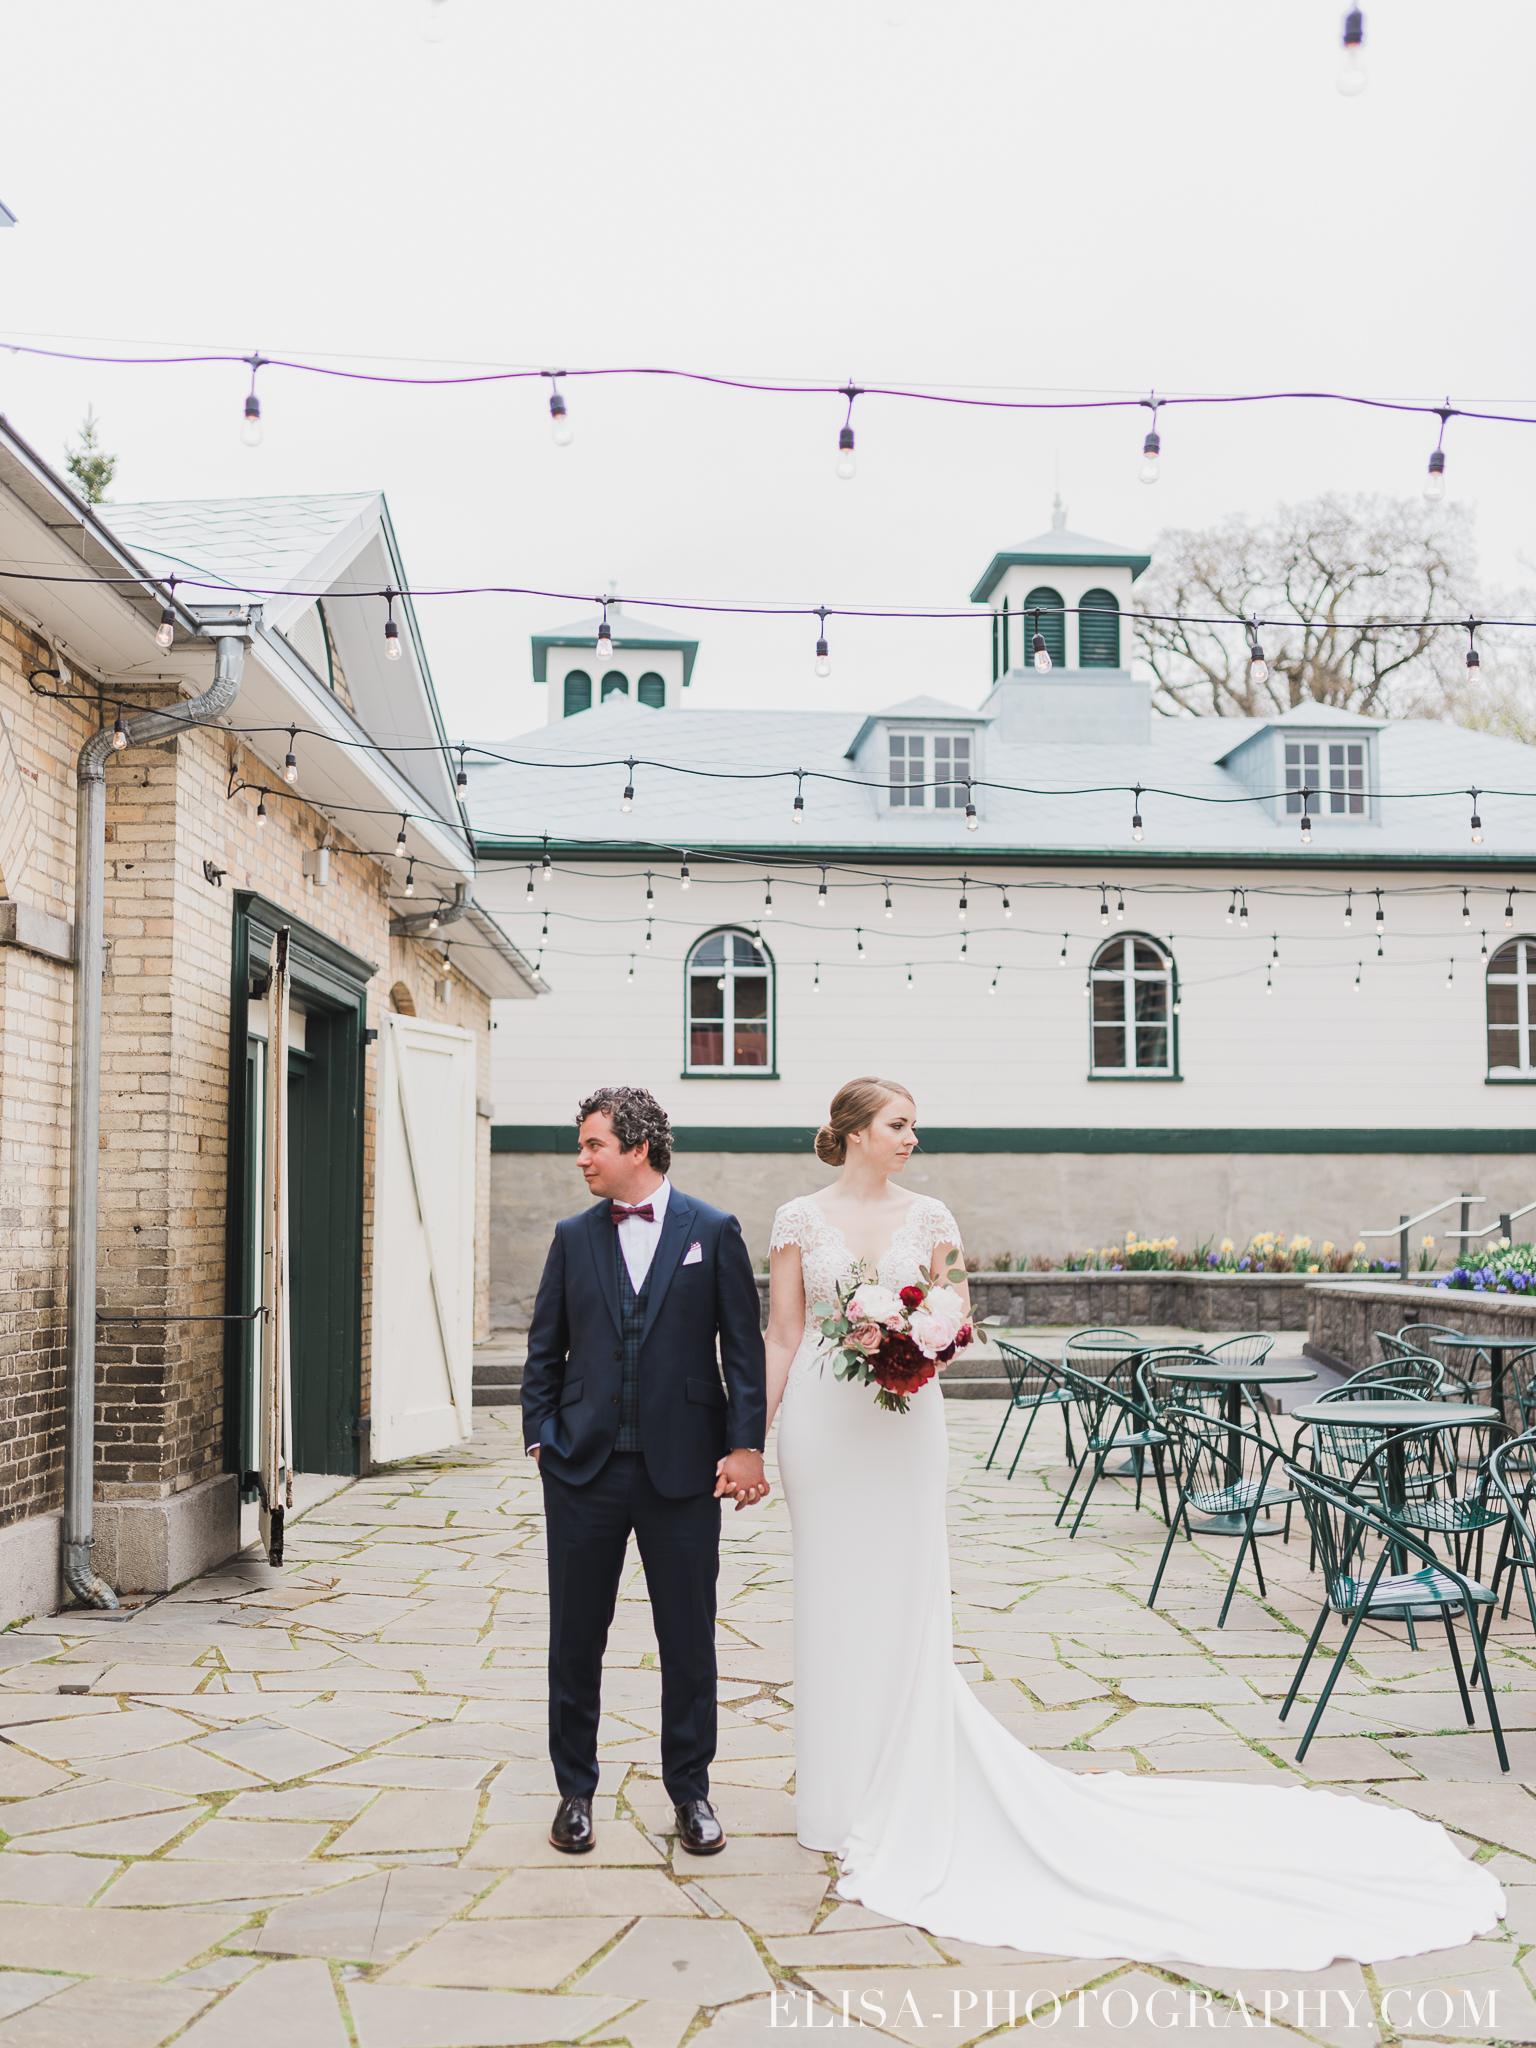 photo mariage quebec domaine cataraqui elisa photographe fleur d europe 9787 - Mariage élégant et discret au coeur du magnifique Domaine Cataraqui, Québec